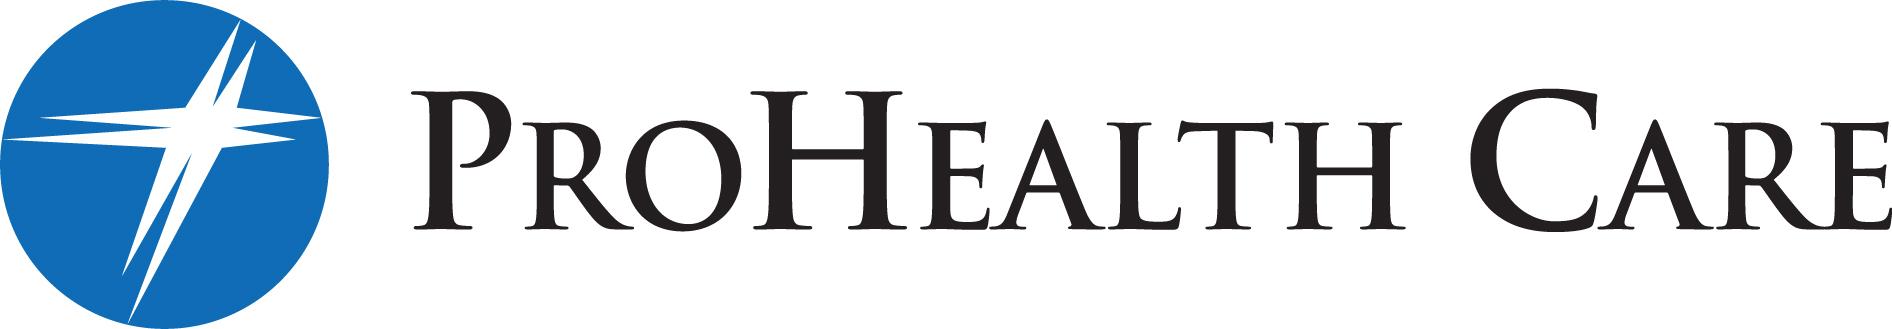 ProHealthCare_Logo